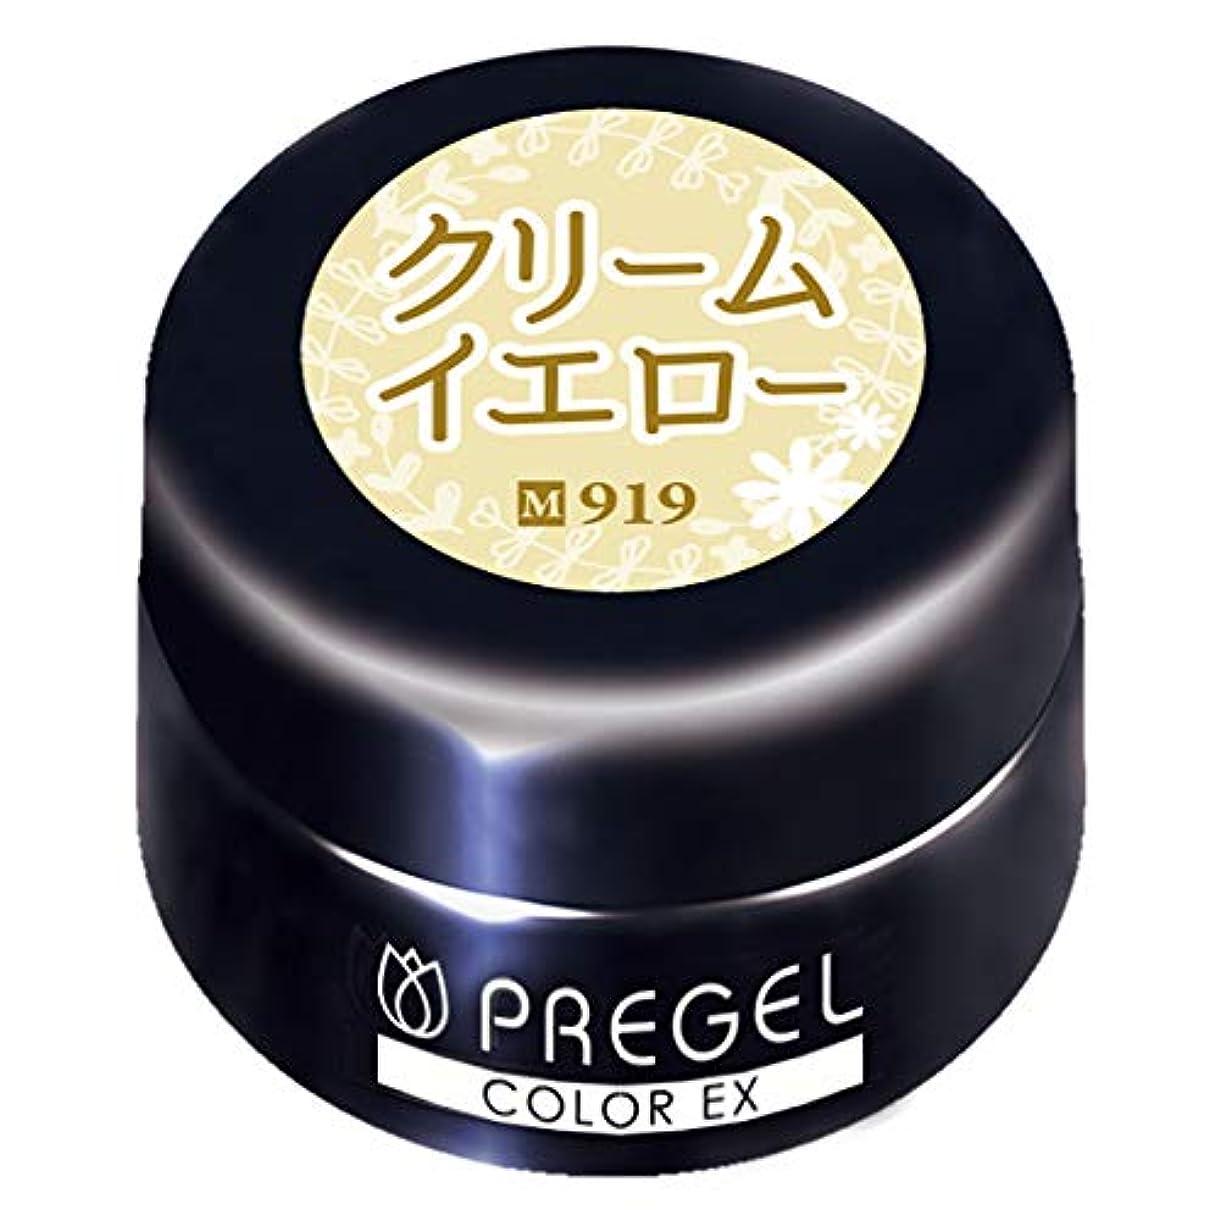 インタラクション揮発性眩惑するPRE GEL(プリジェル) PRE GEL カラーEX クリームイエロー919 3g PG-CE919 UV/LED対応 ジェルネイル